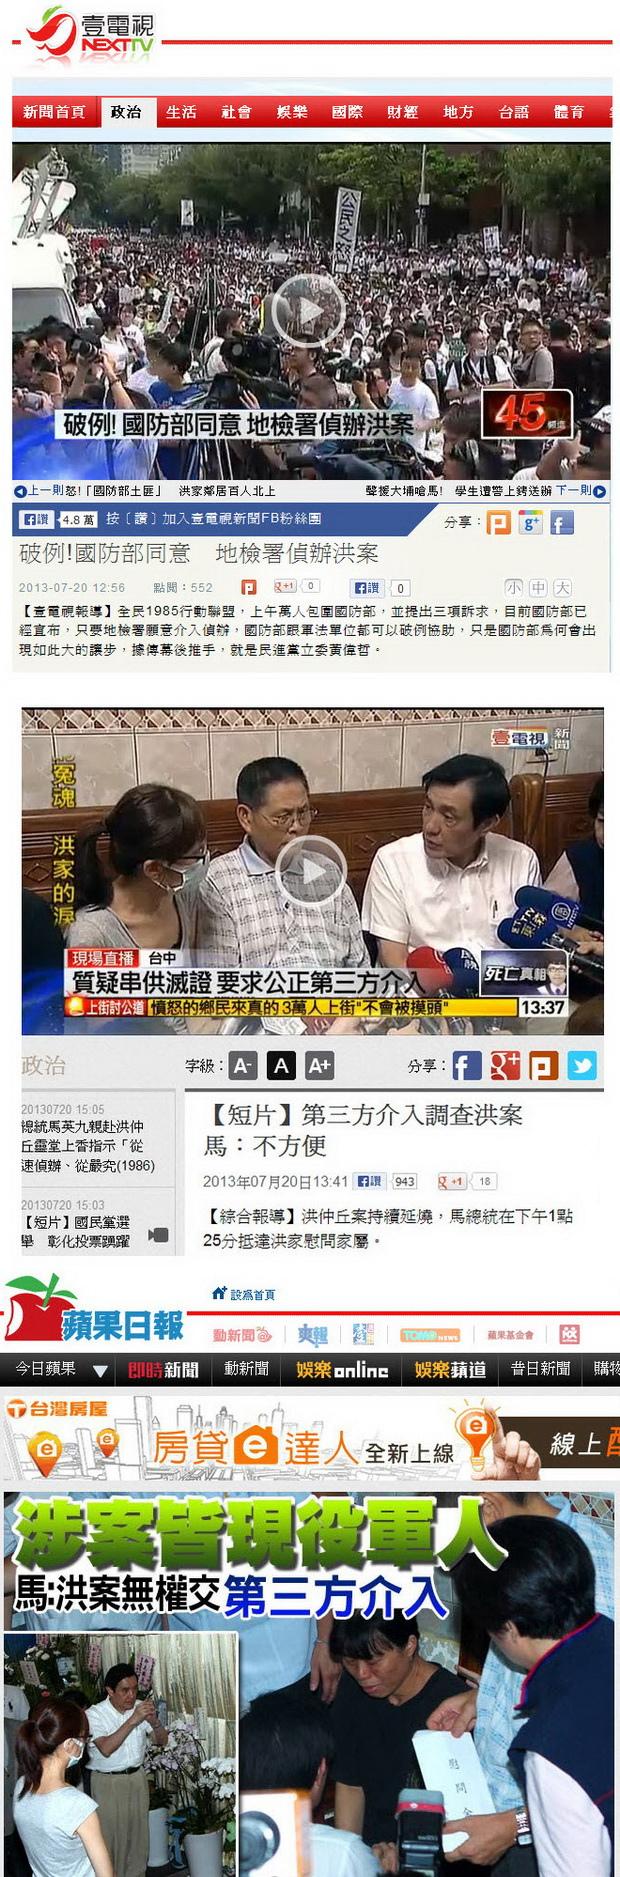 破例!國防部同意 地檢署偵辦洪案-2013.07.20-02.jpg